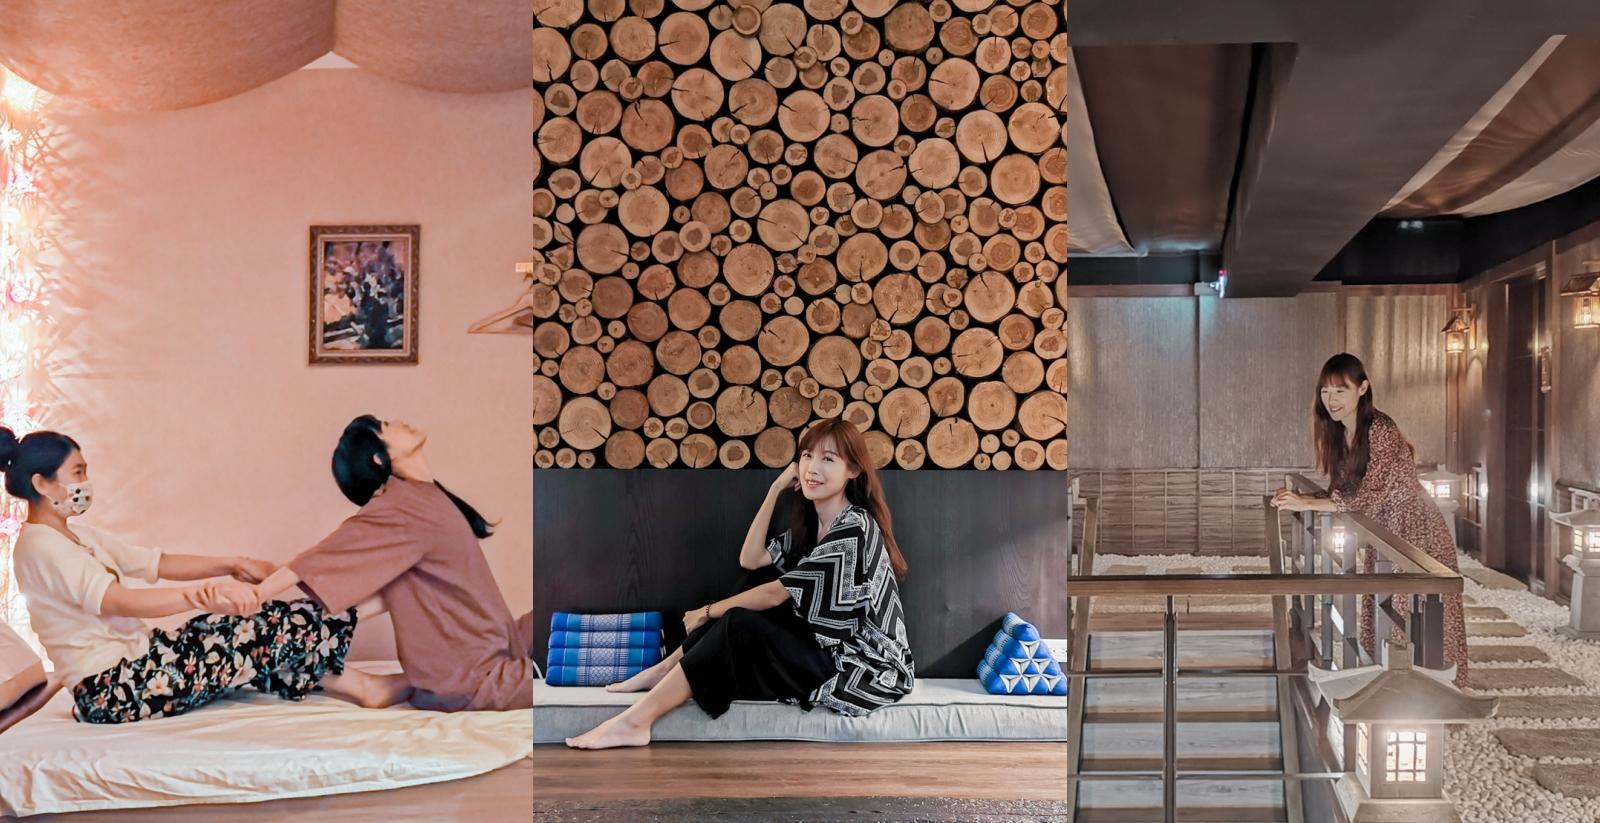 台北按摩SPA店推薦 養生會館、精油SPA、泰式按摩優質店家分享 蔡小妞實際體驗心得